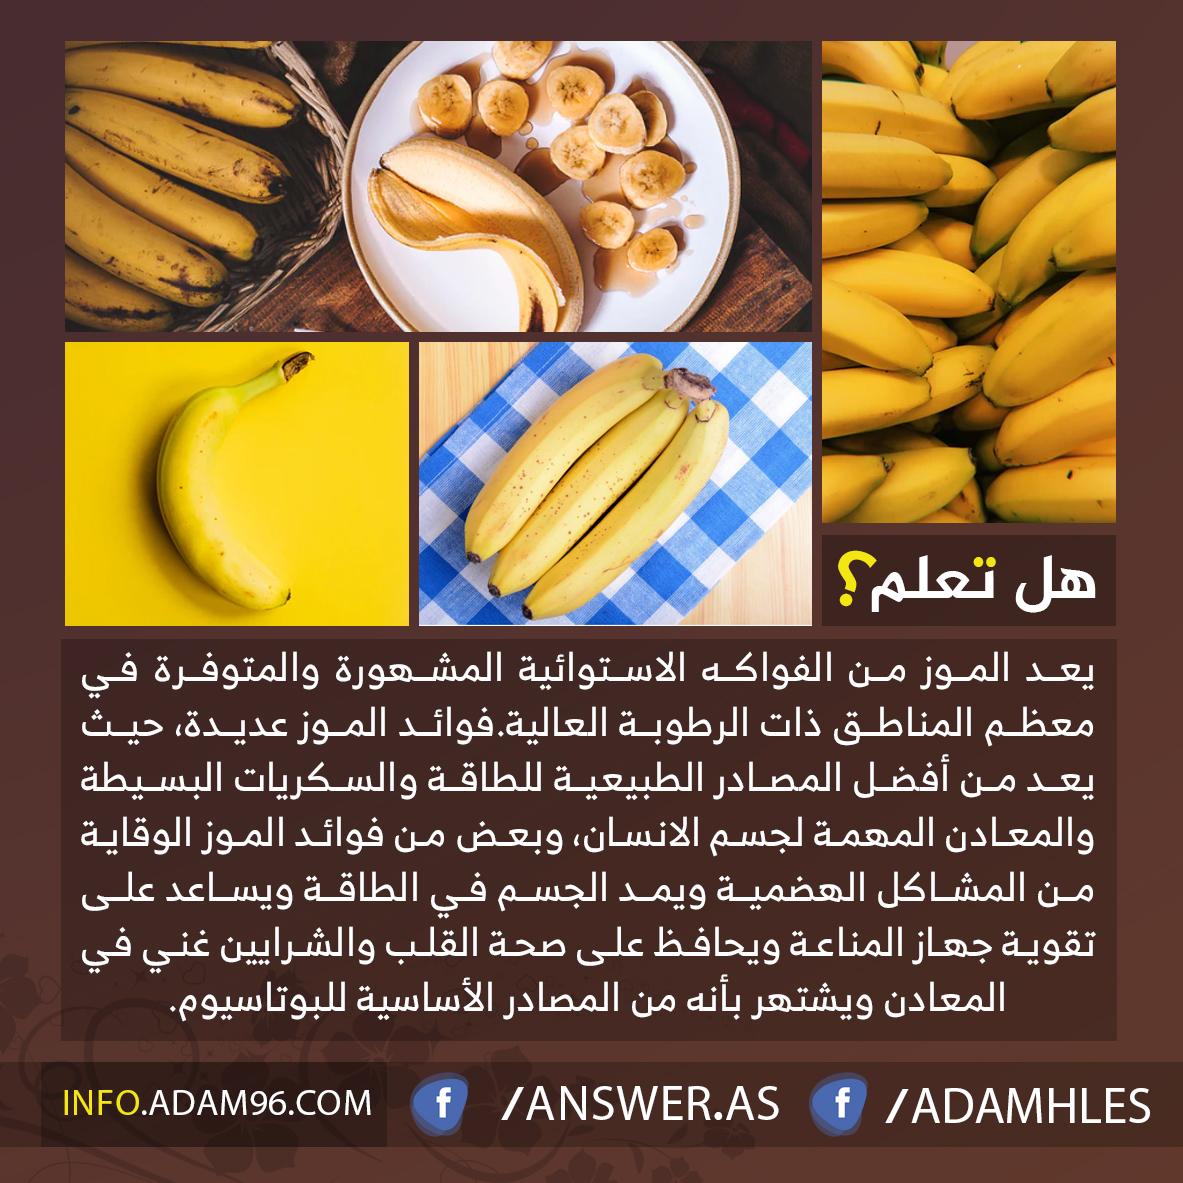 فوائد الموز